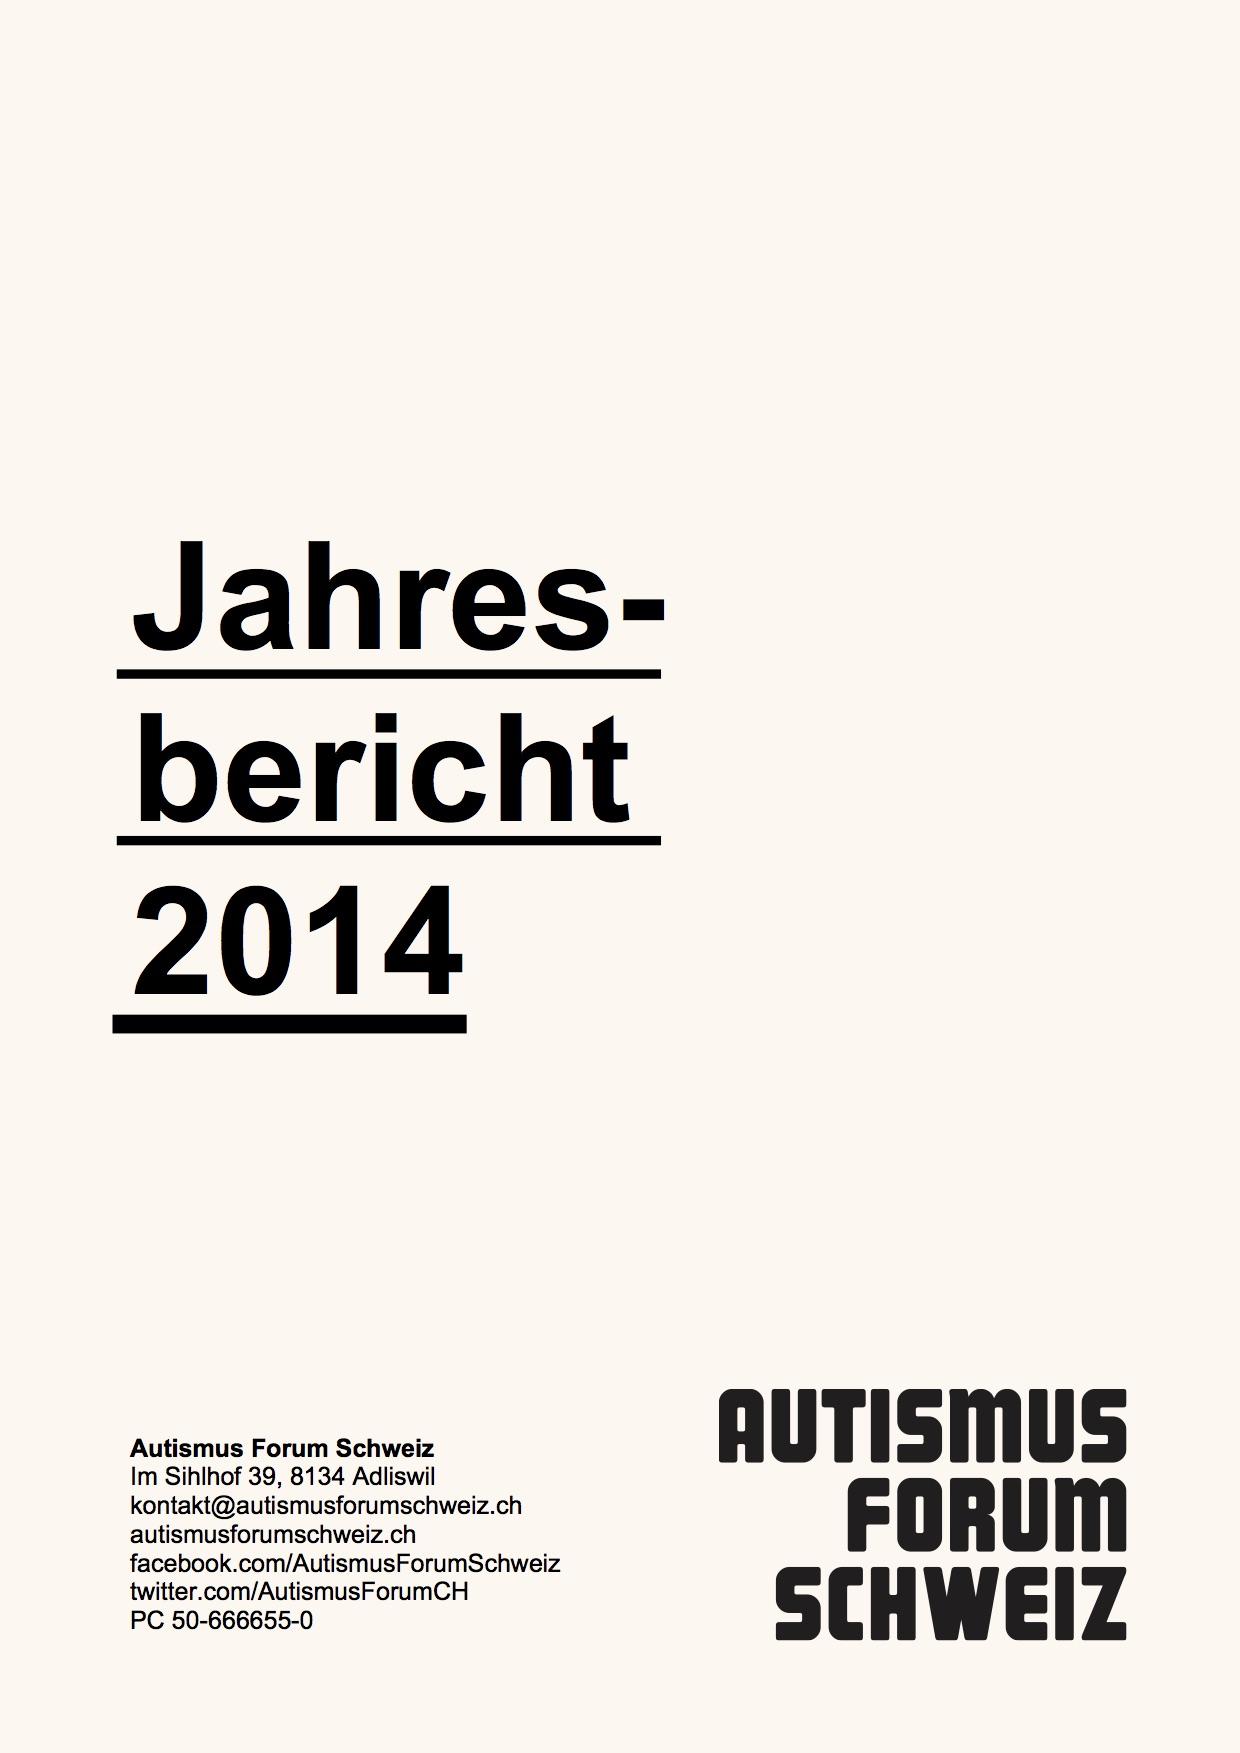 AFS_Jahresbericht_2014.jpg